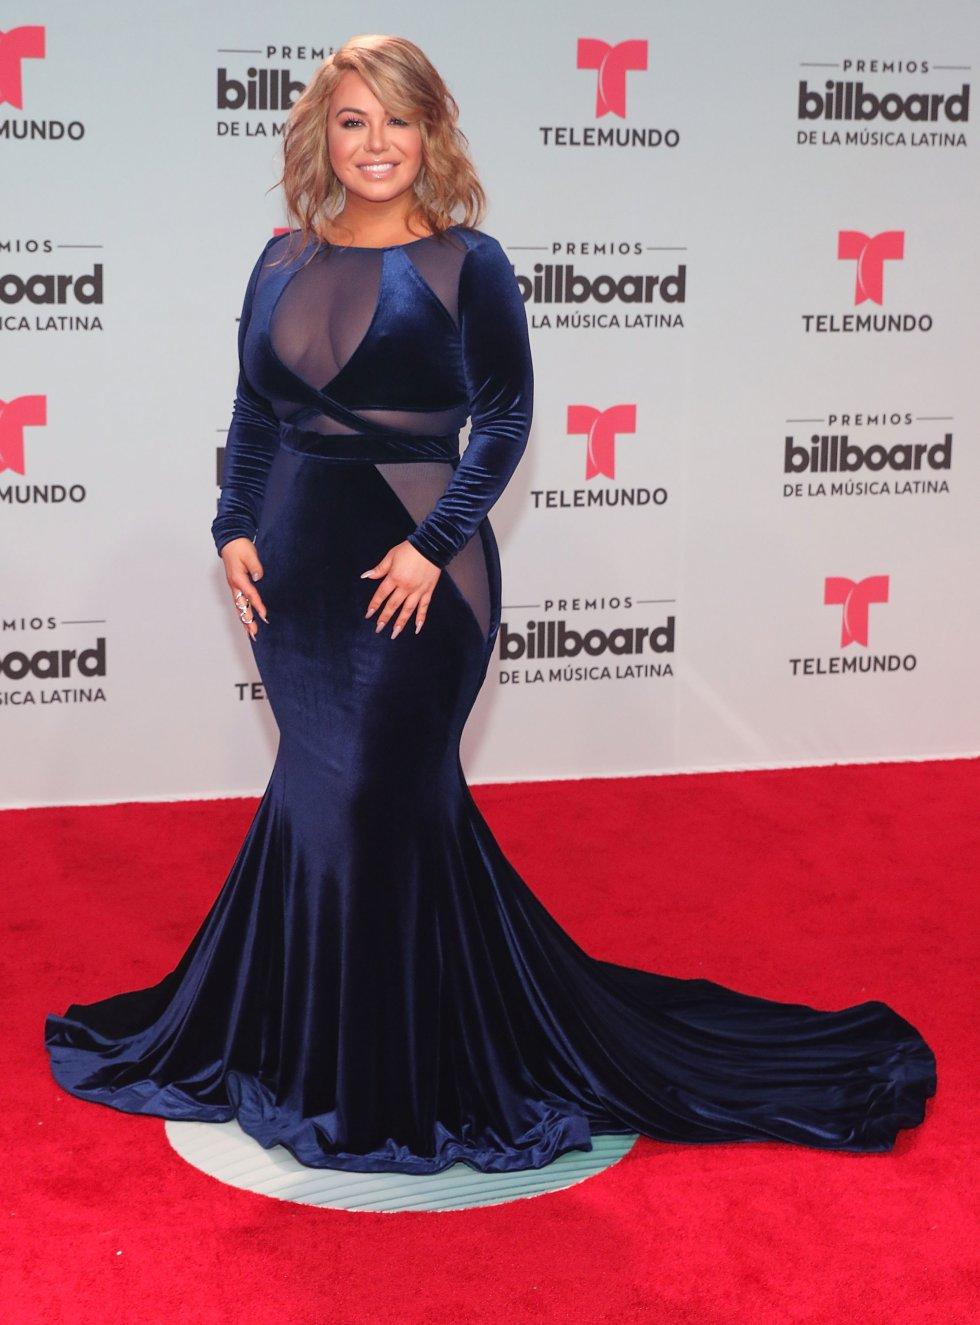 Chiquis Rivera cantante estadounidense de musica regional mexicana es hija de la fallecida super estrella latina, la Gran Diva de la Banda Jenni Rivera.